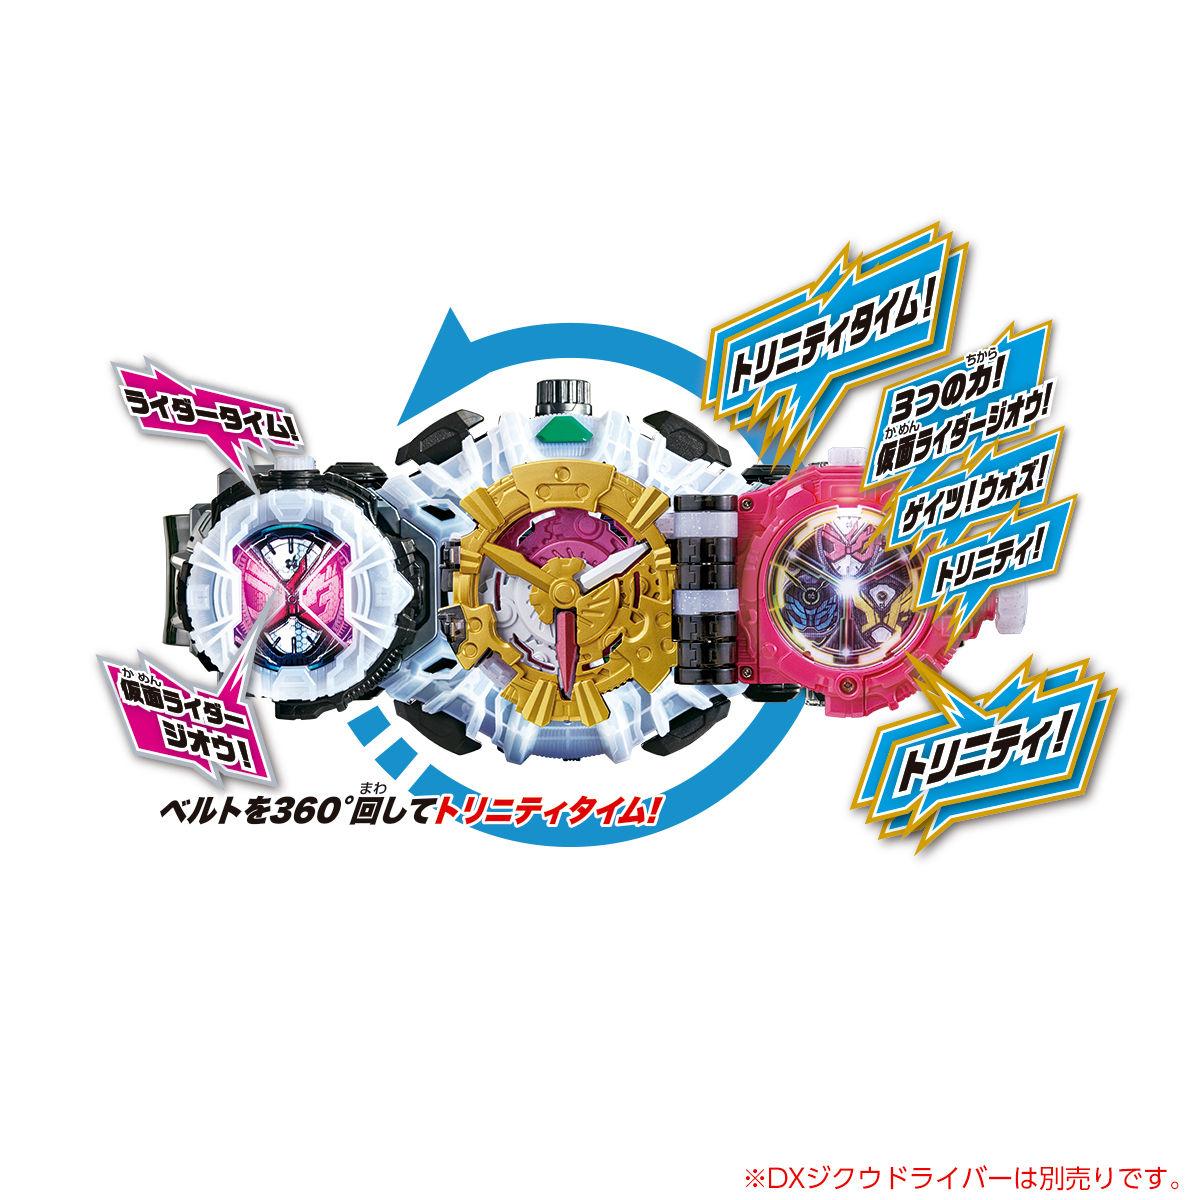 ライドウォッチ『DXジオウトリニティライドウォッチ』仮面ライダージオウ 変身なりきり-006